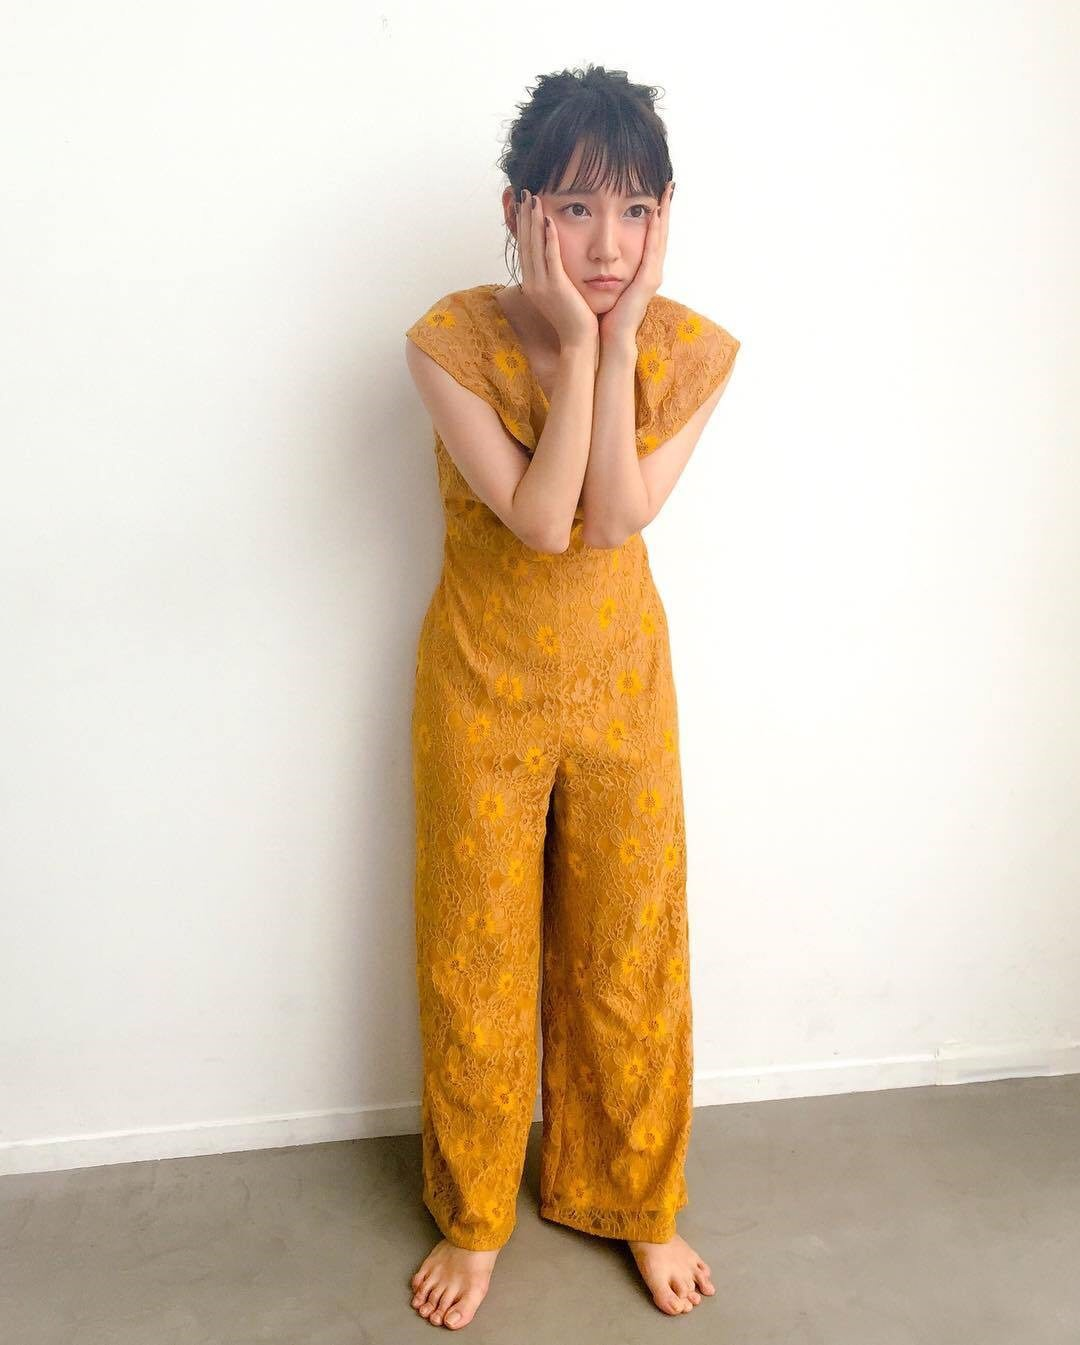 【画像】吉岡里帆、足の指がグチャグチャ